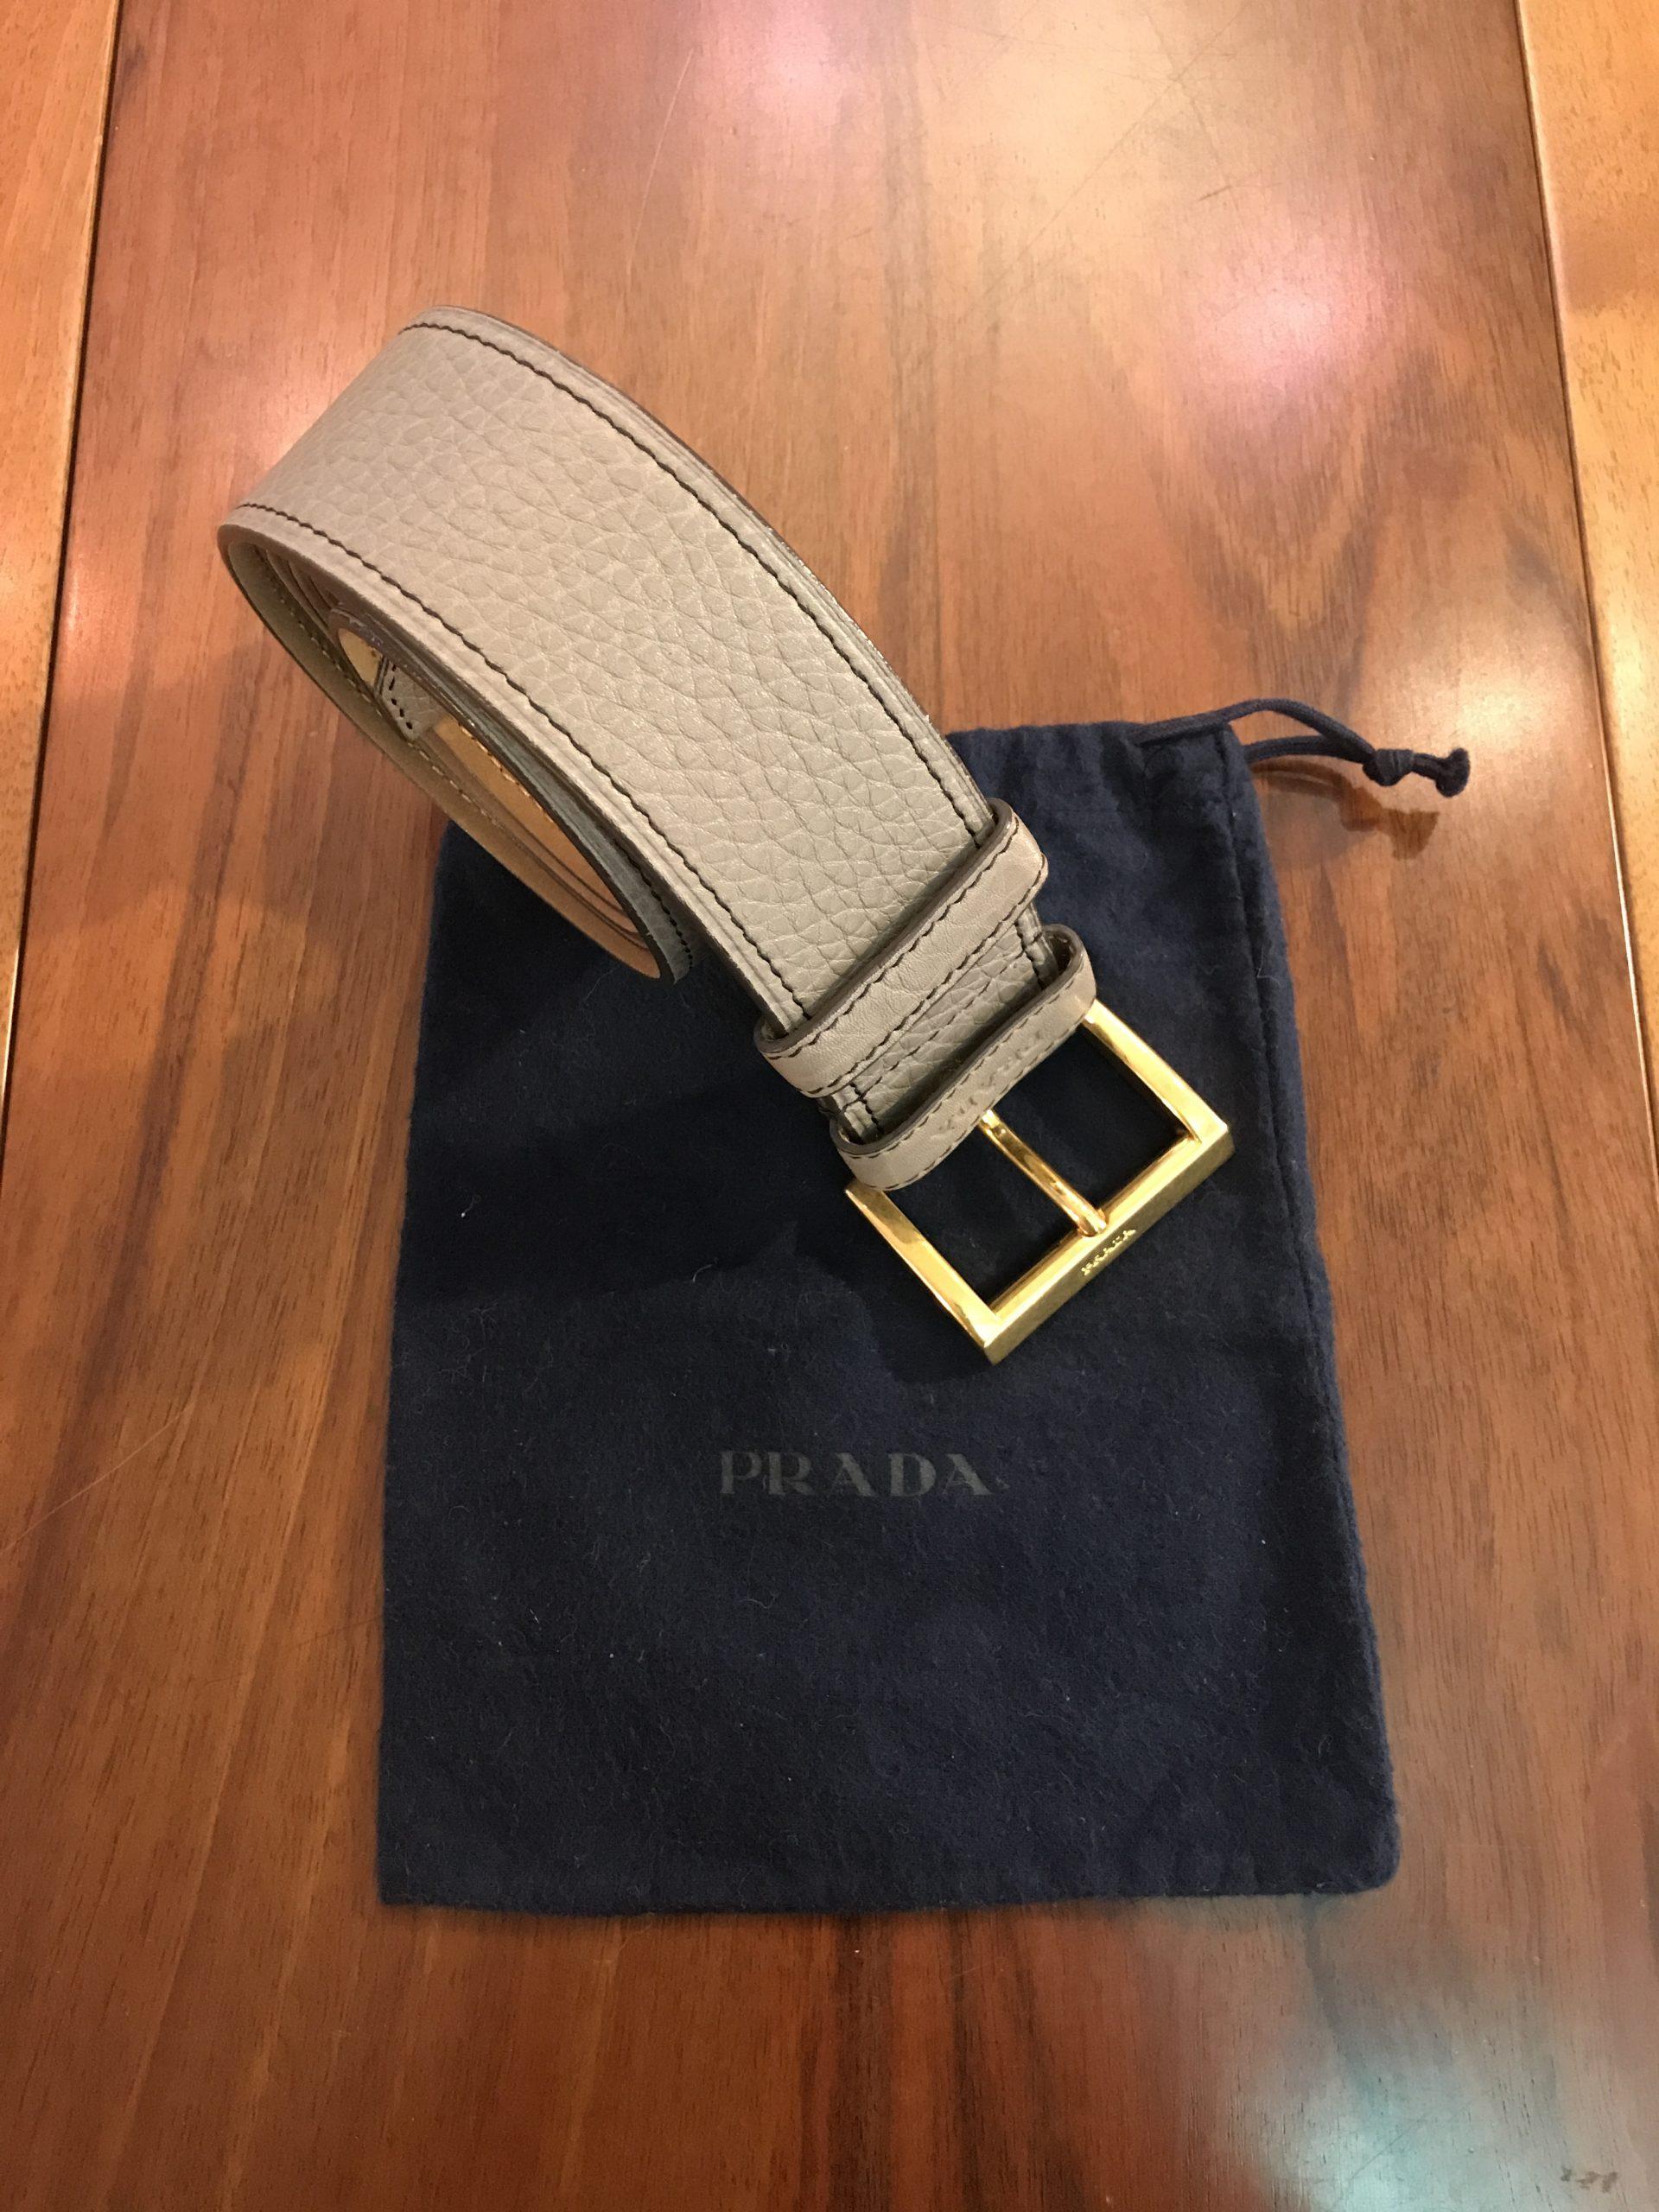 Prada Cintura in Pelle di Vitello Martellata colore Tortora